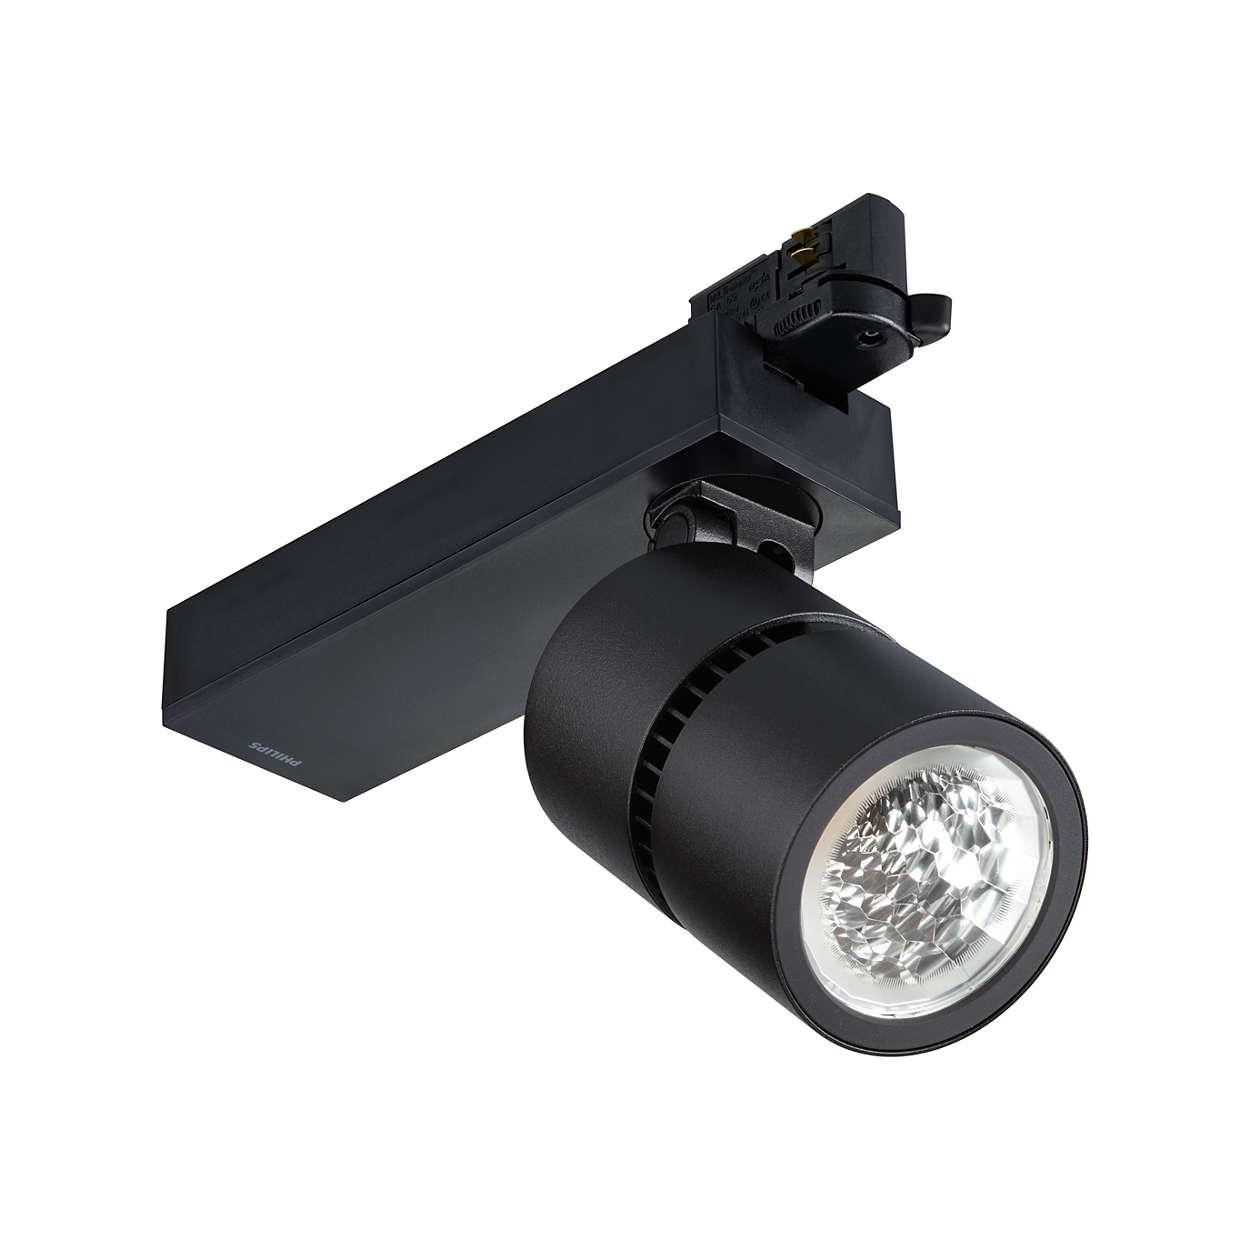 StyliD PremiumWhite: combinación ideal de calidad de iluminación sobresaliente y ahorro de energía para comerciantes (moda)